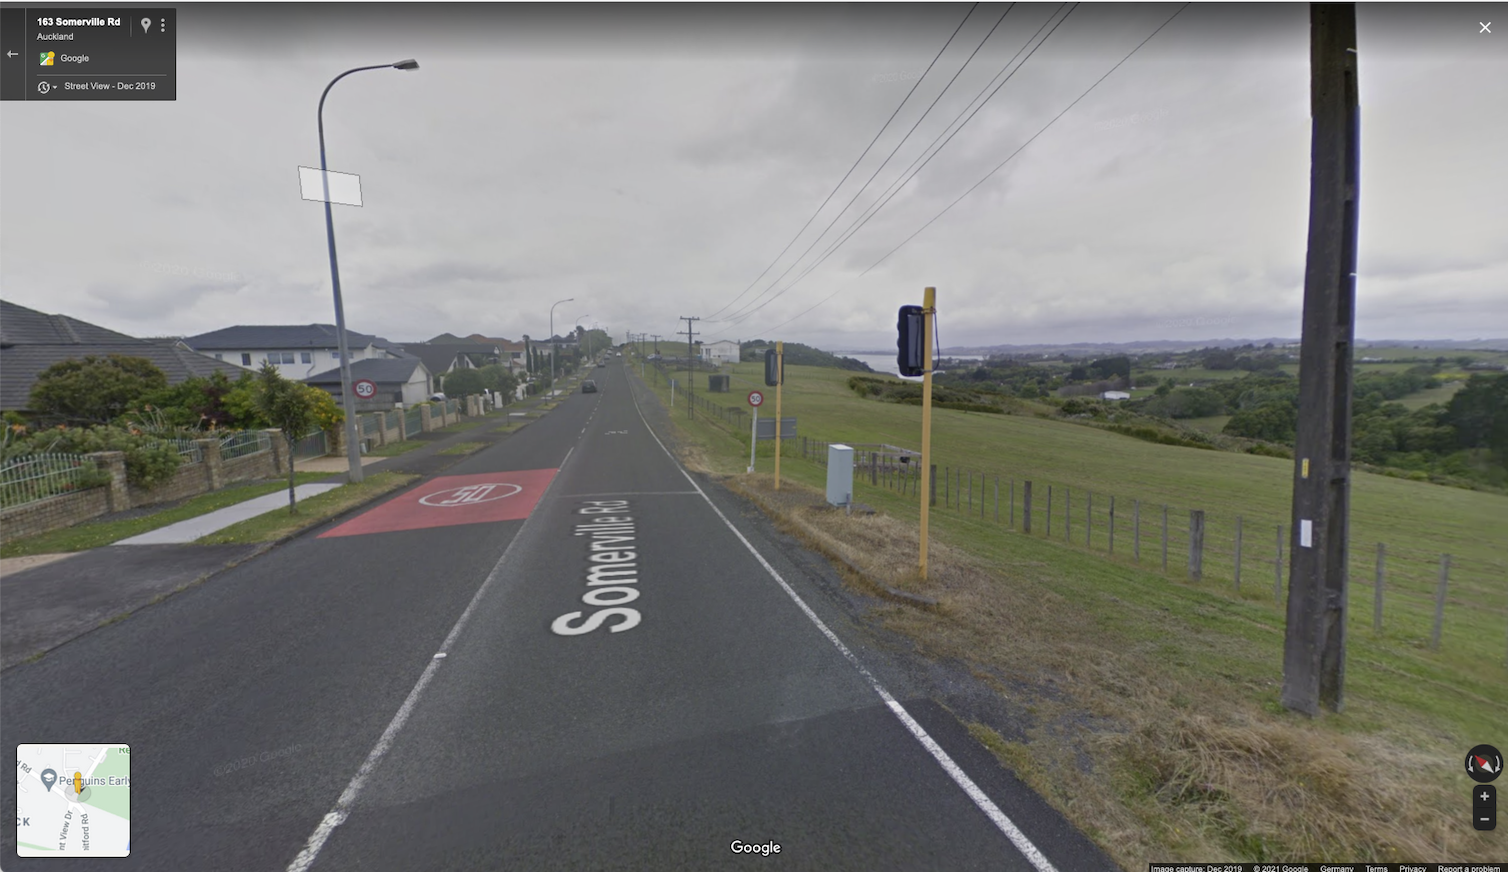 Sceenshot of google street view of Somerville Rd